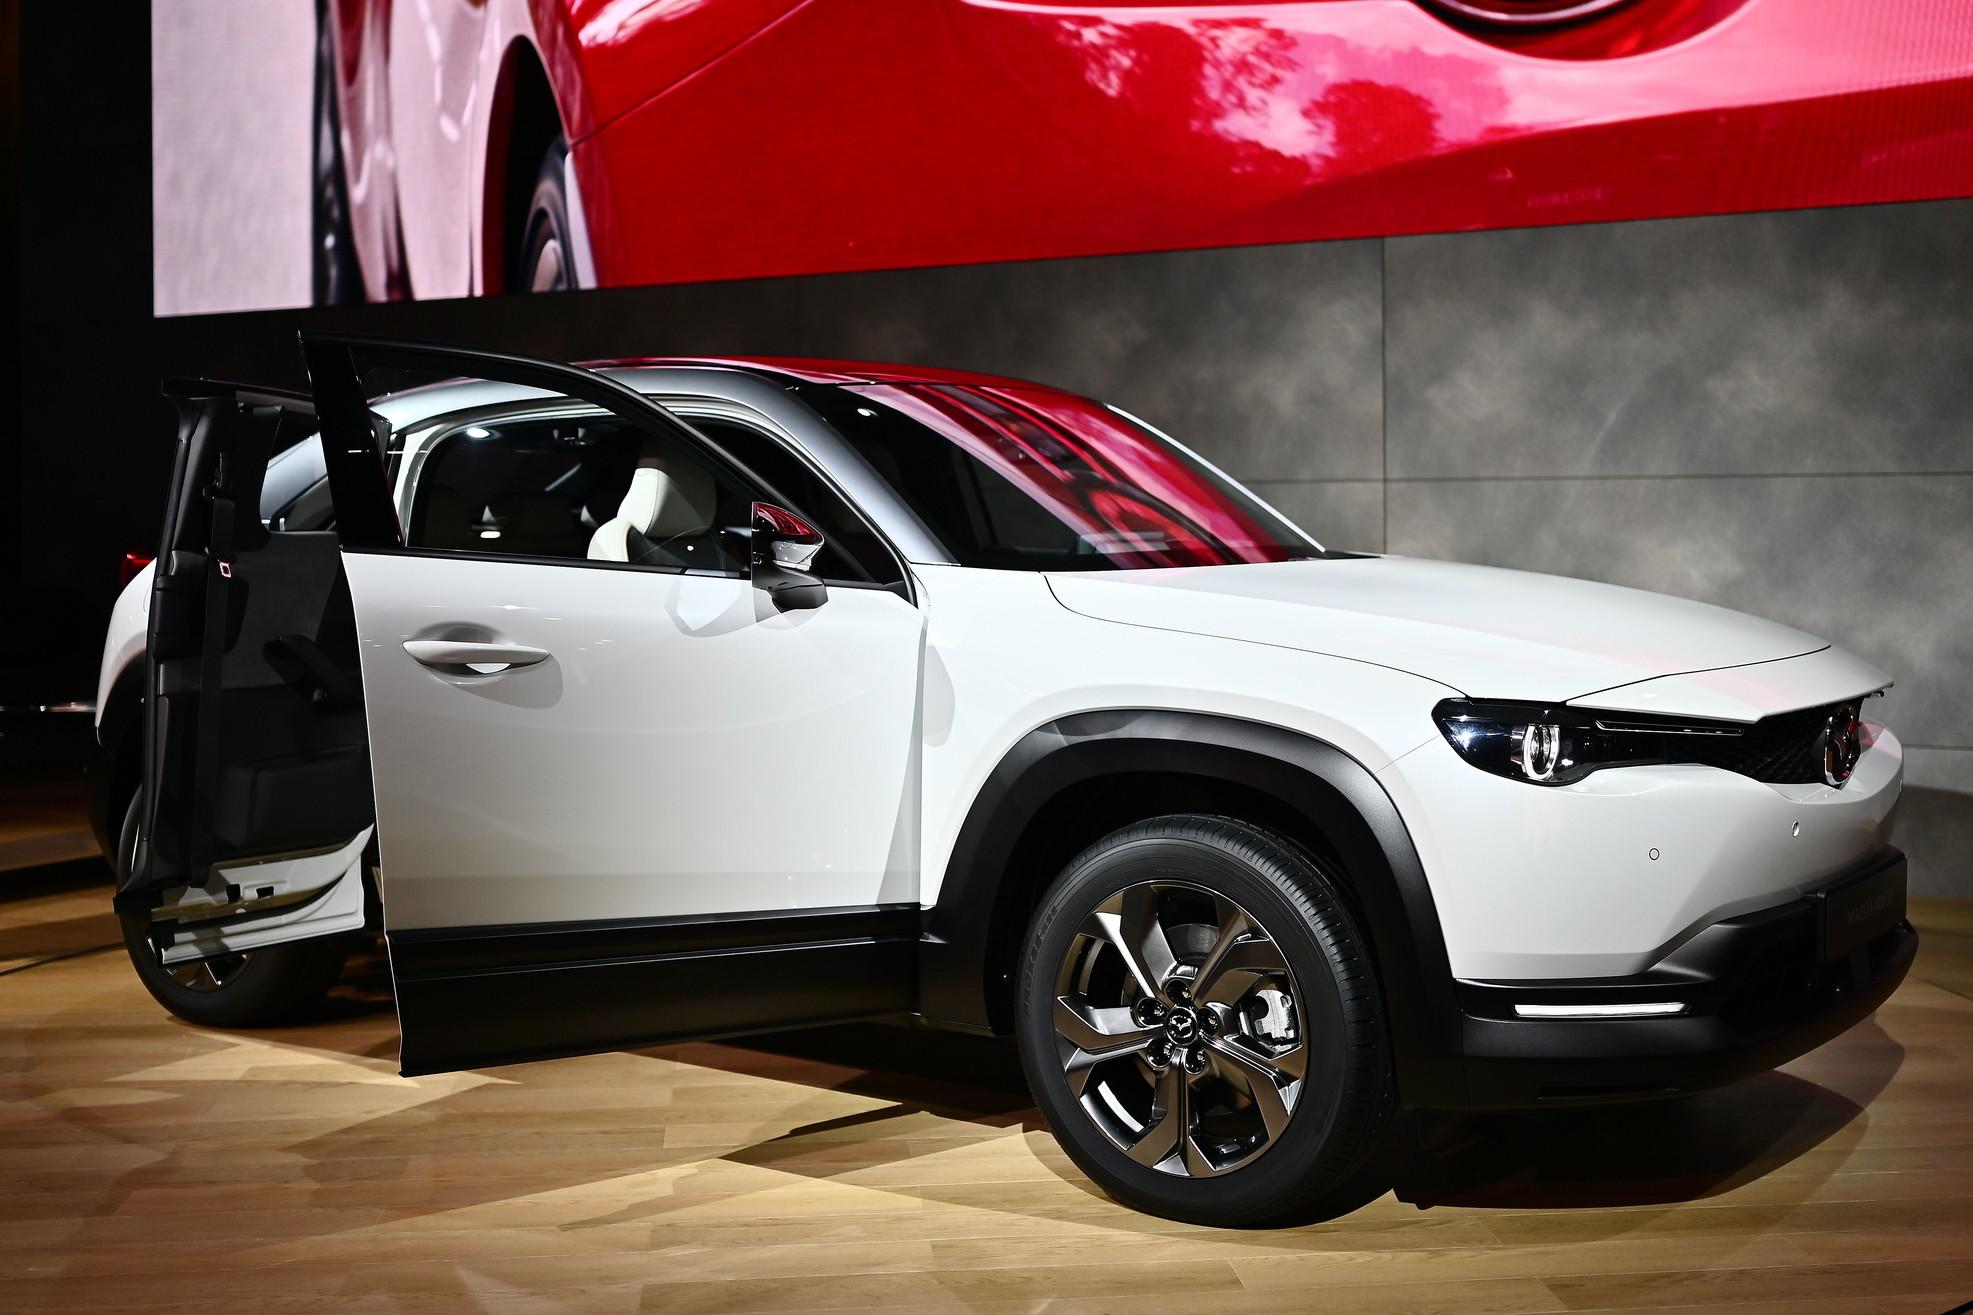 Mazda ha presentato al Salone di Tokyo 2019 la sua prima vettura elettrica di serie, la MX-30. La vettura, un crossover di taglia media, garantisce circa 200 km di autonomia grazie ad una batteria di 35,5 kwh. In vendita dal 2020 ad un prezzo di lancio da 34.900 euro.